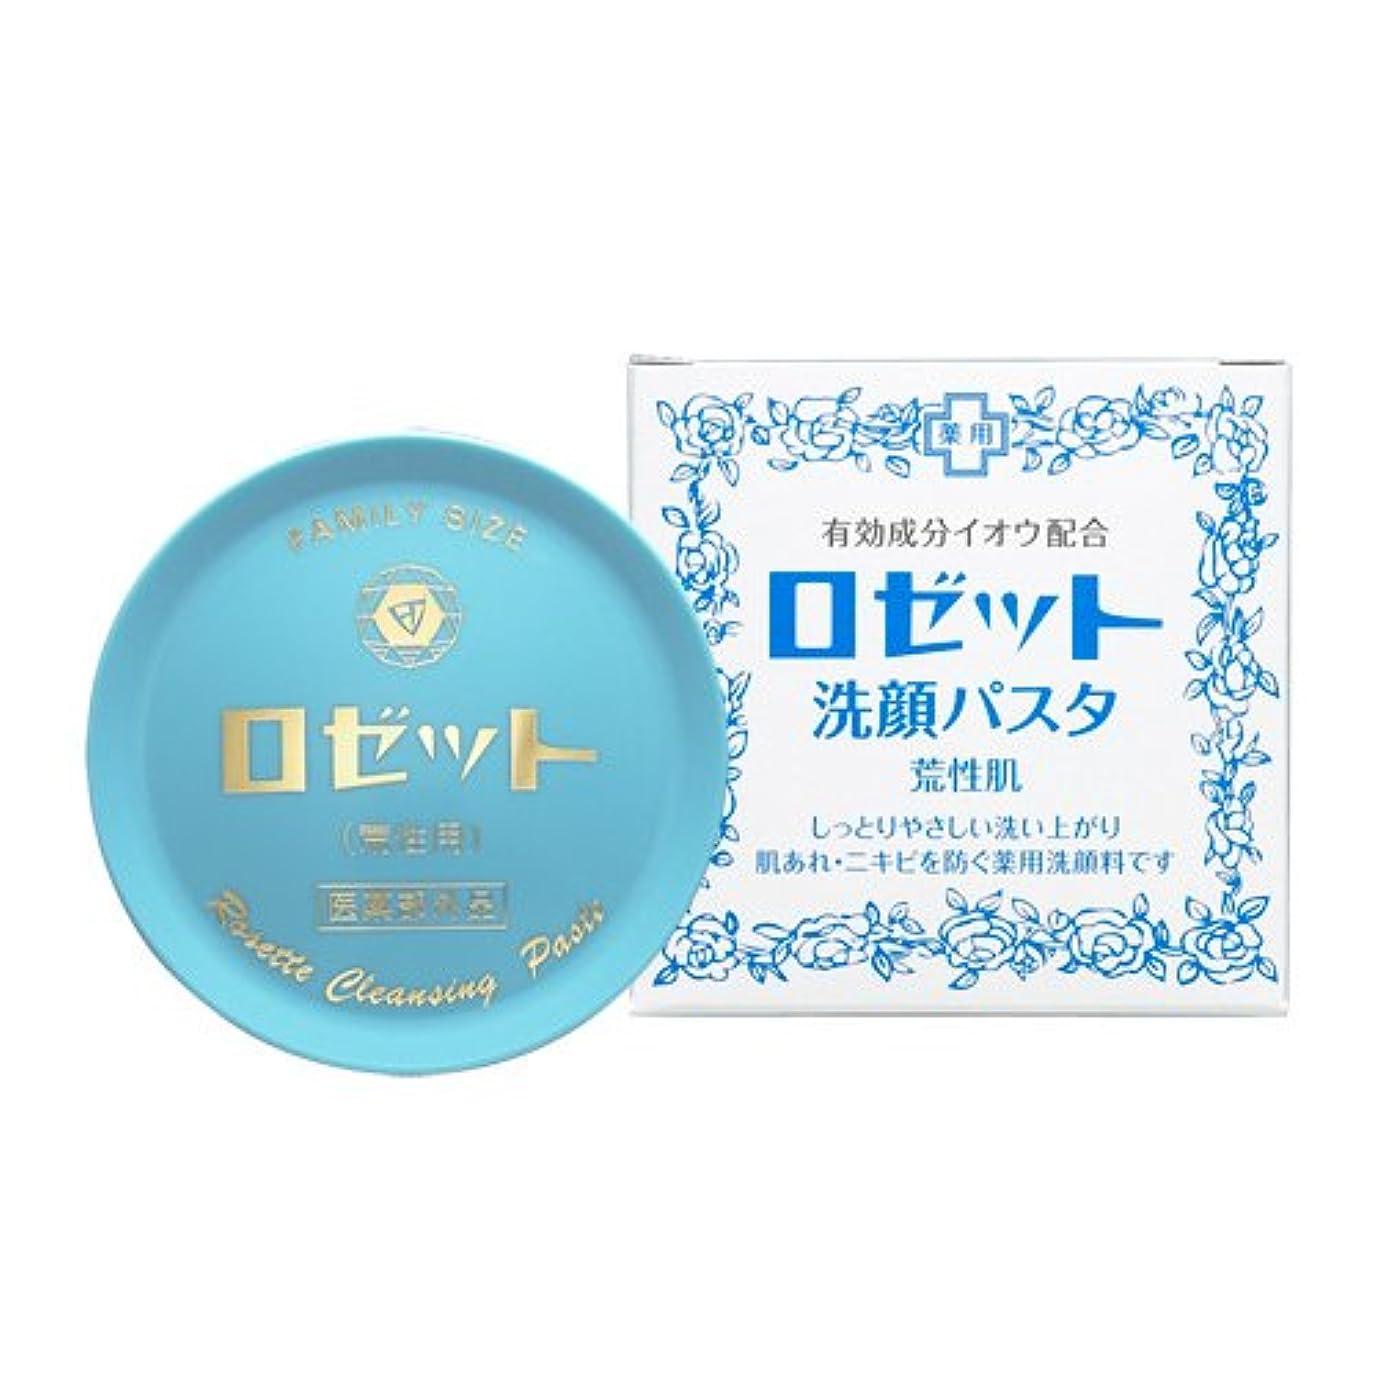 徐々にタービン月曜日ロゼット洗顔パスタ 荒性肌 90g (医薬部外品)